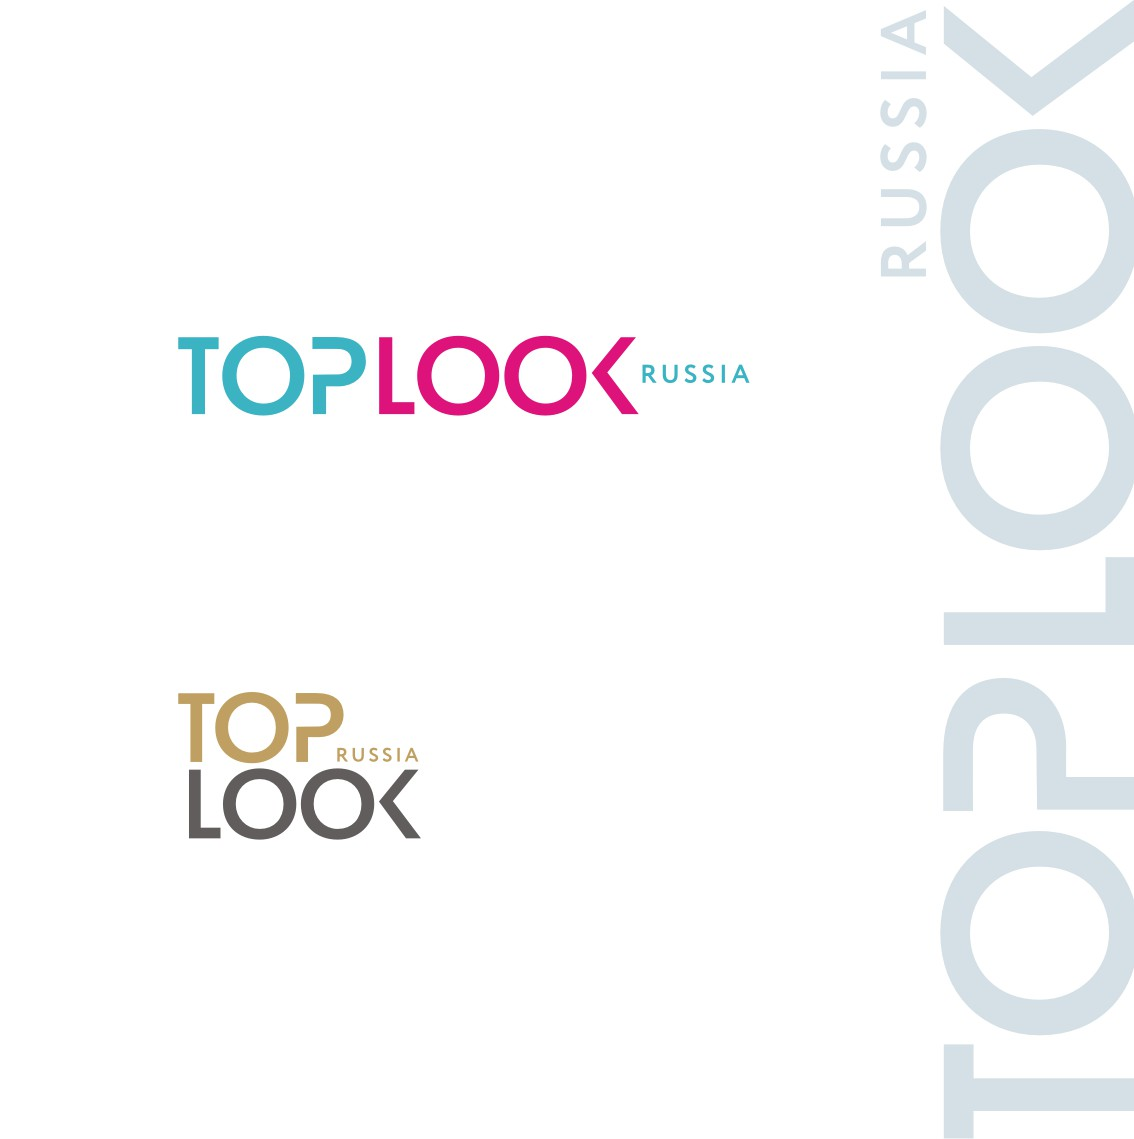 Top Look